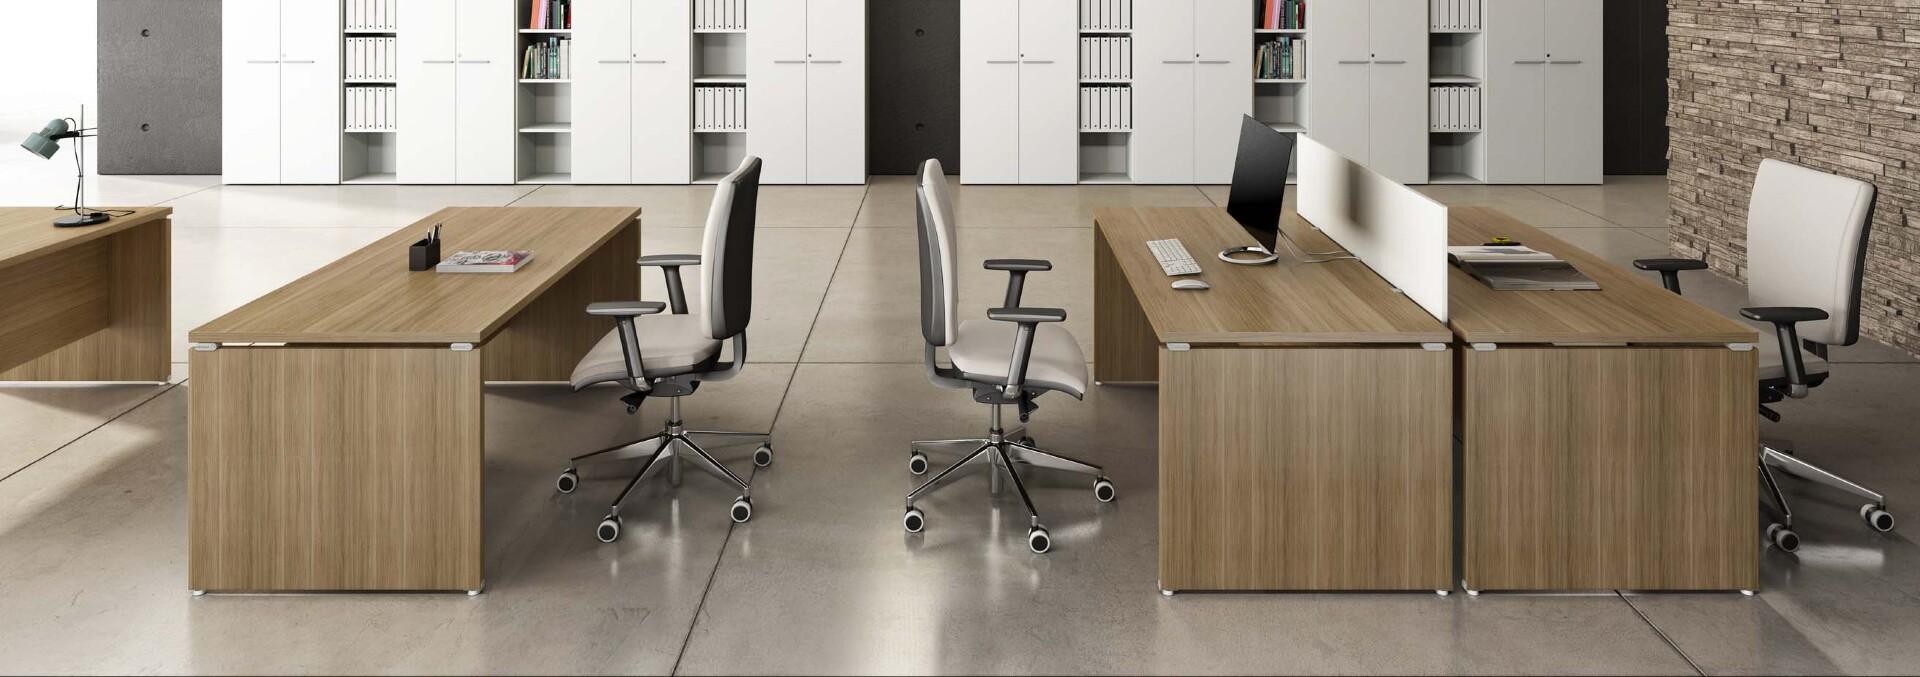 scrivania-pannellata-design.jpg